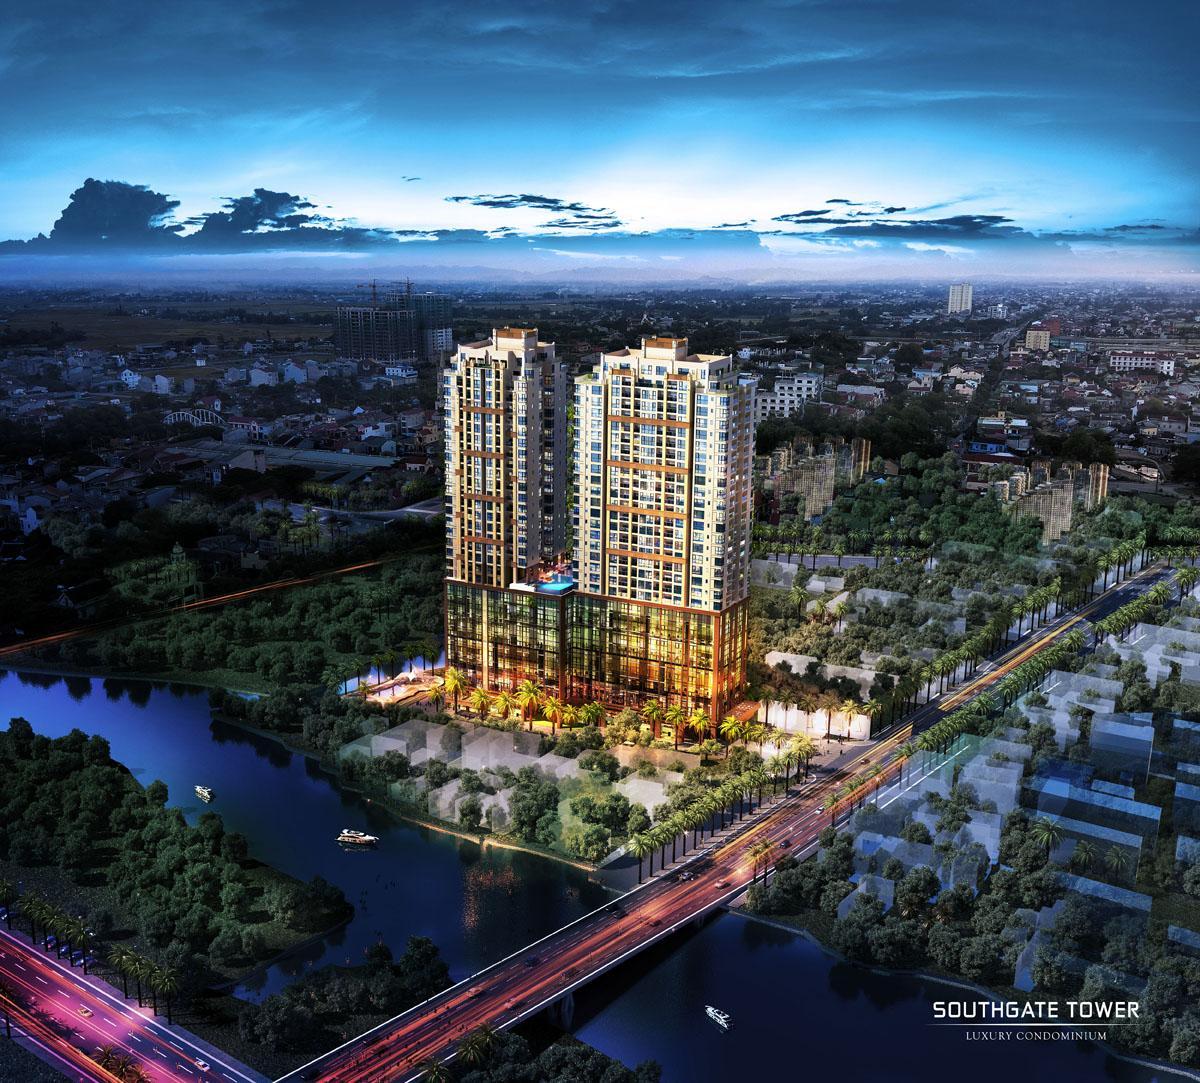 Bất động sản Khu Nam Sài Gòn tạo ra hấp lực lớn nhờ quy hoạch nghìn tỷ?